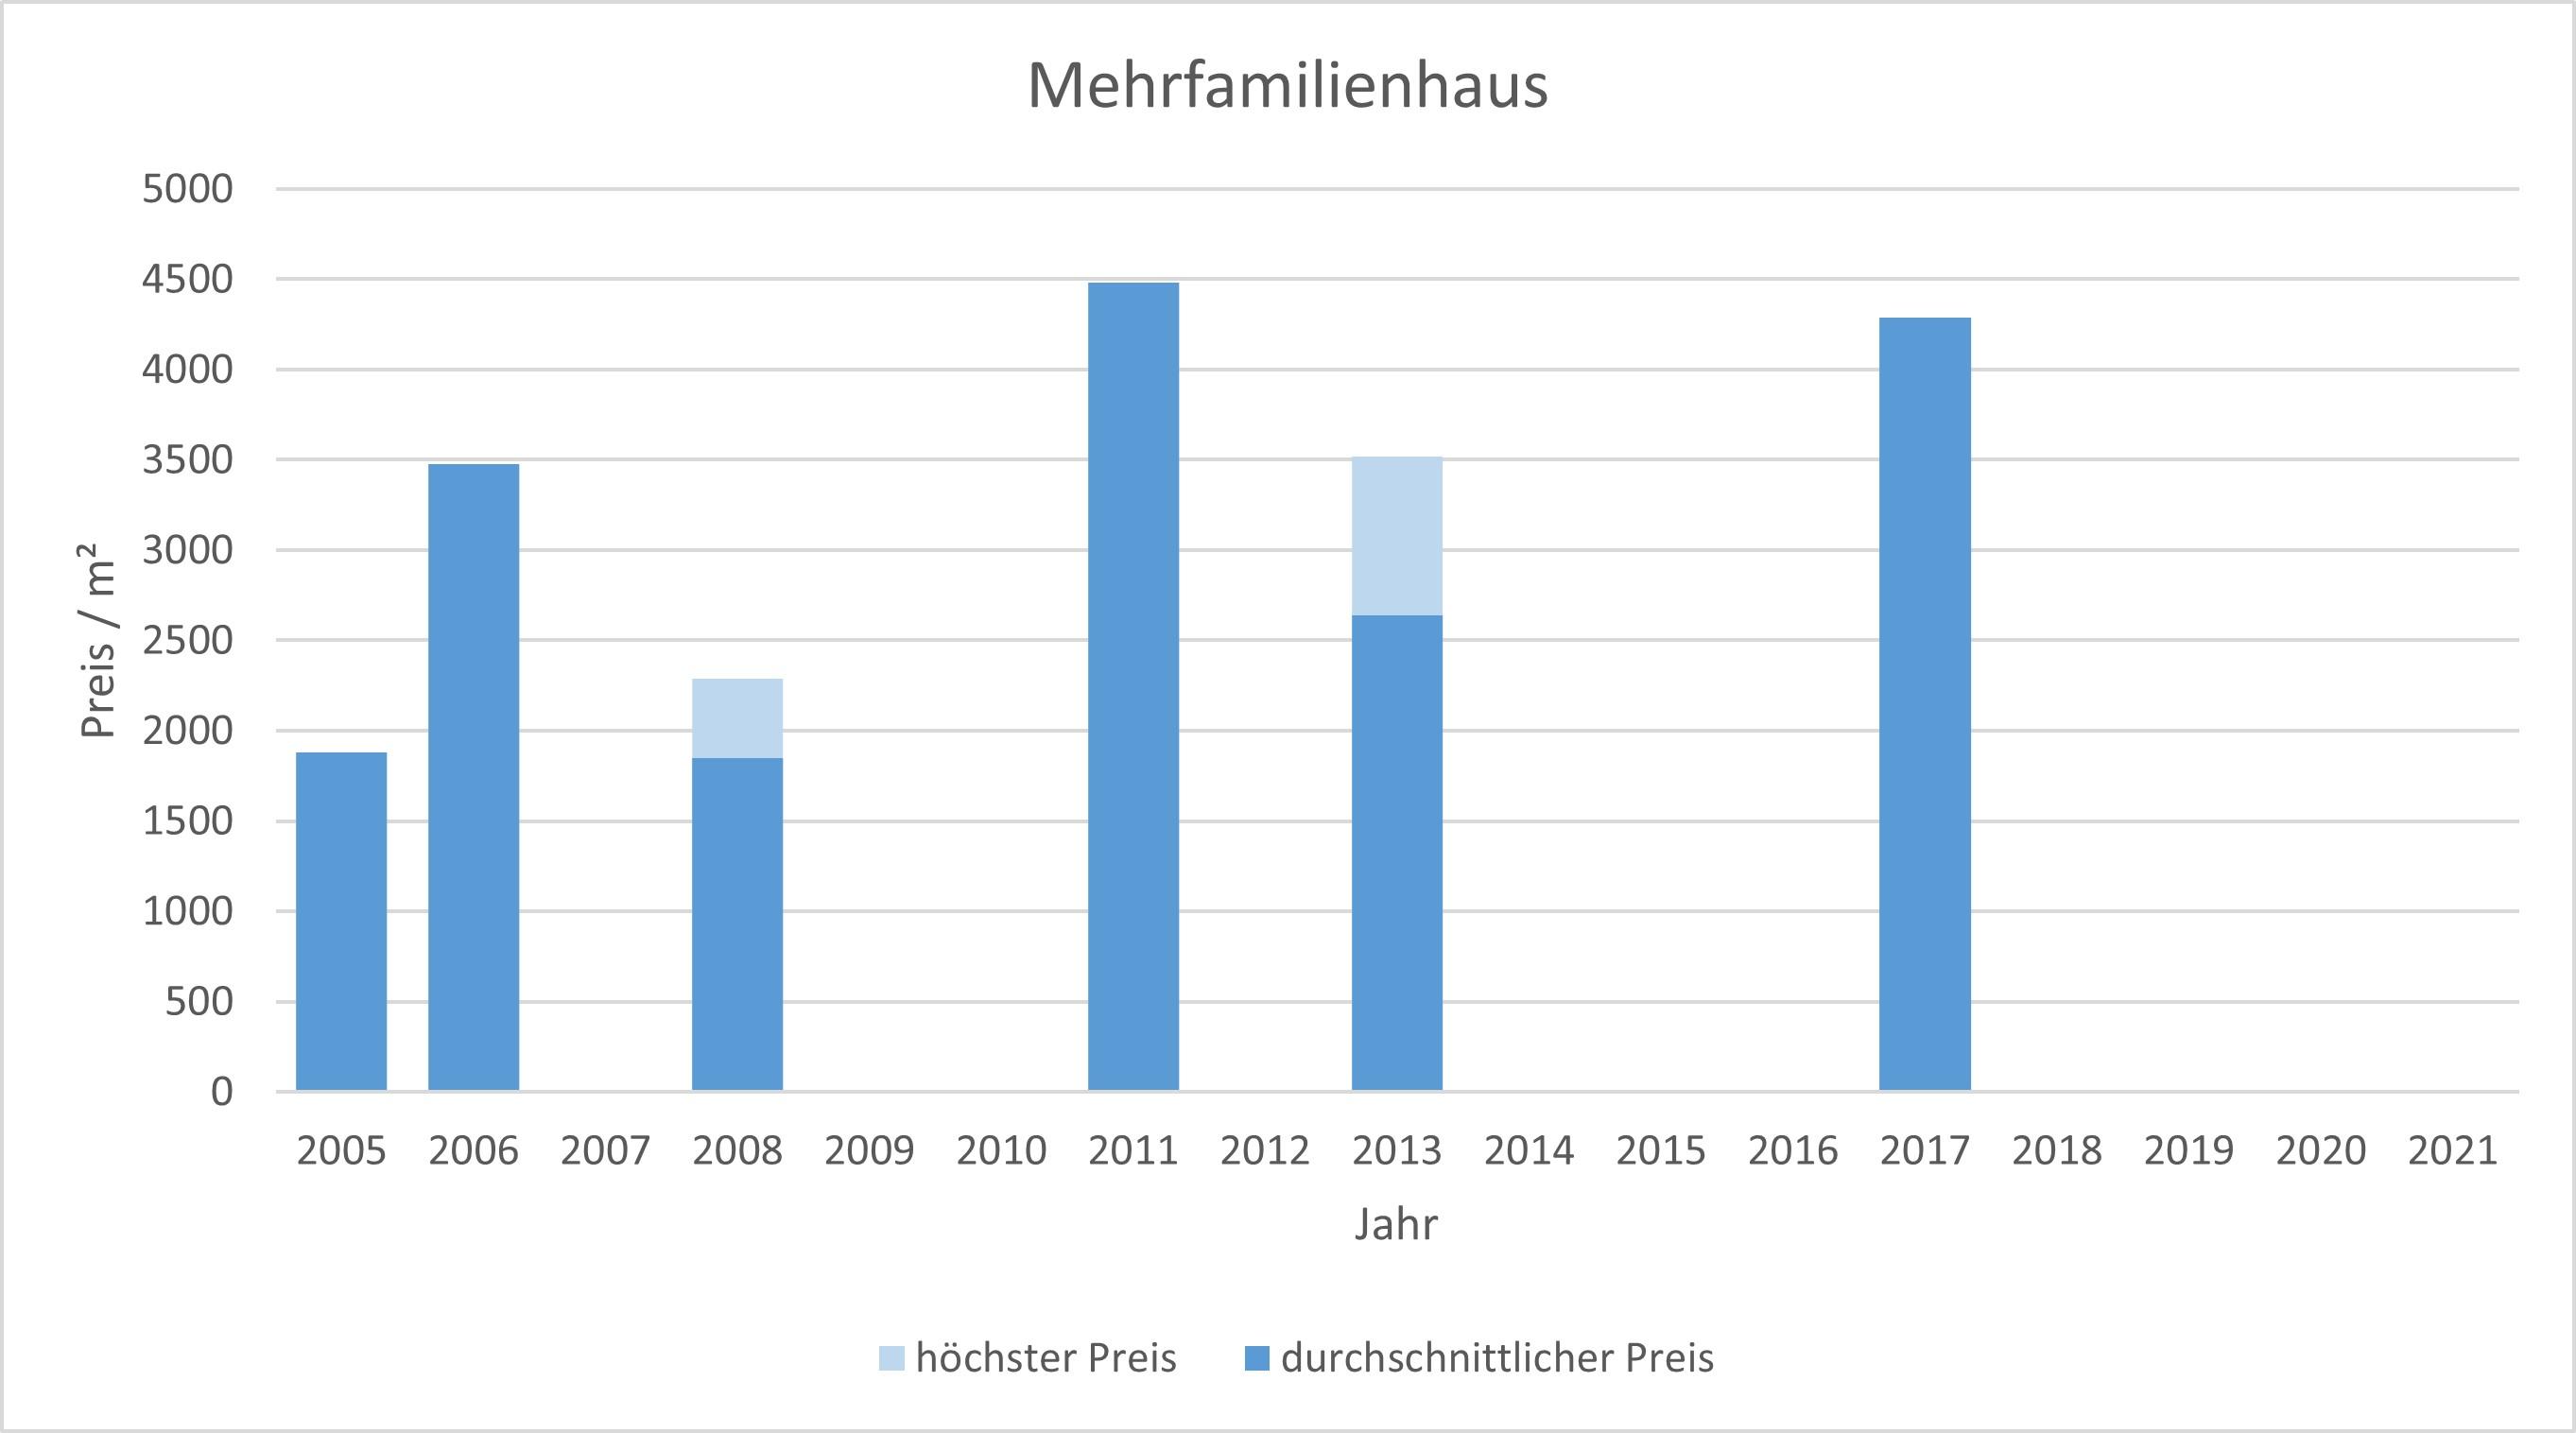 München - Neuperlach Mehrfamilienhaus kaufen verkaufen Preis Bewertung Makler 2019 2020 2021 www.happy-immo.de